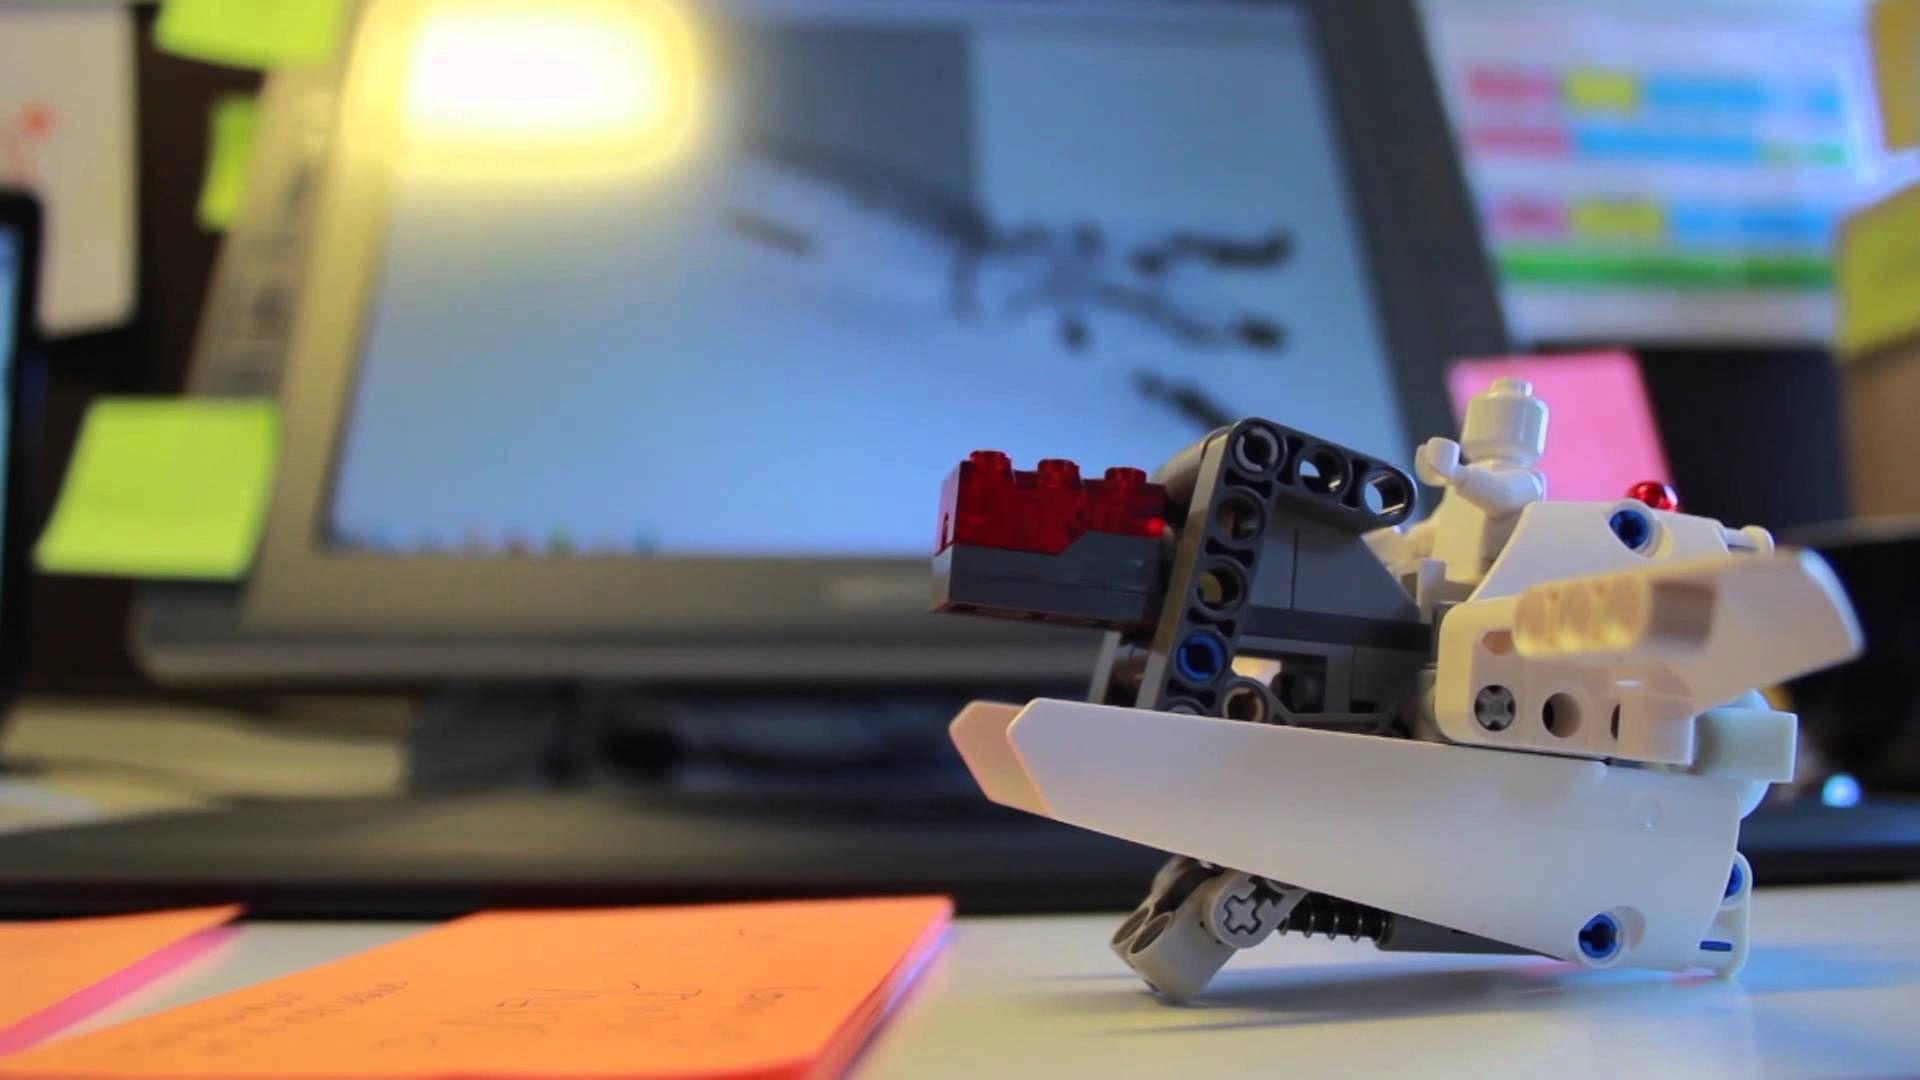 IKO, la prótesis de Lego para niños a los que les falta alguna extremidad. #eSalud #eHealth #innovacion #video